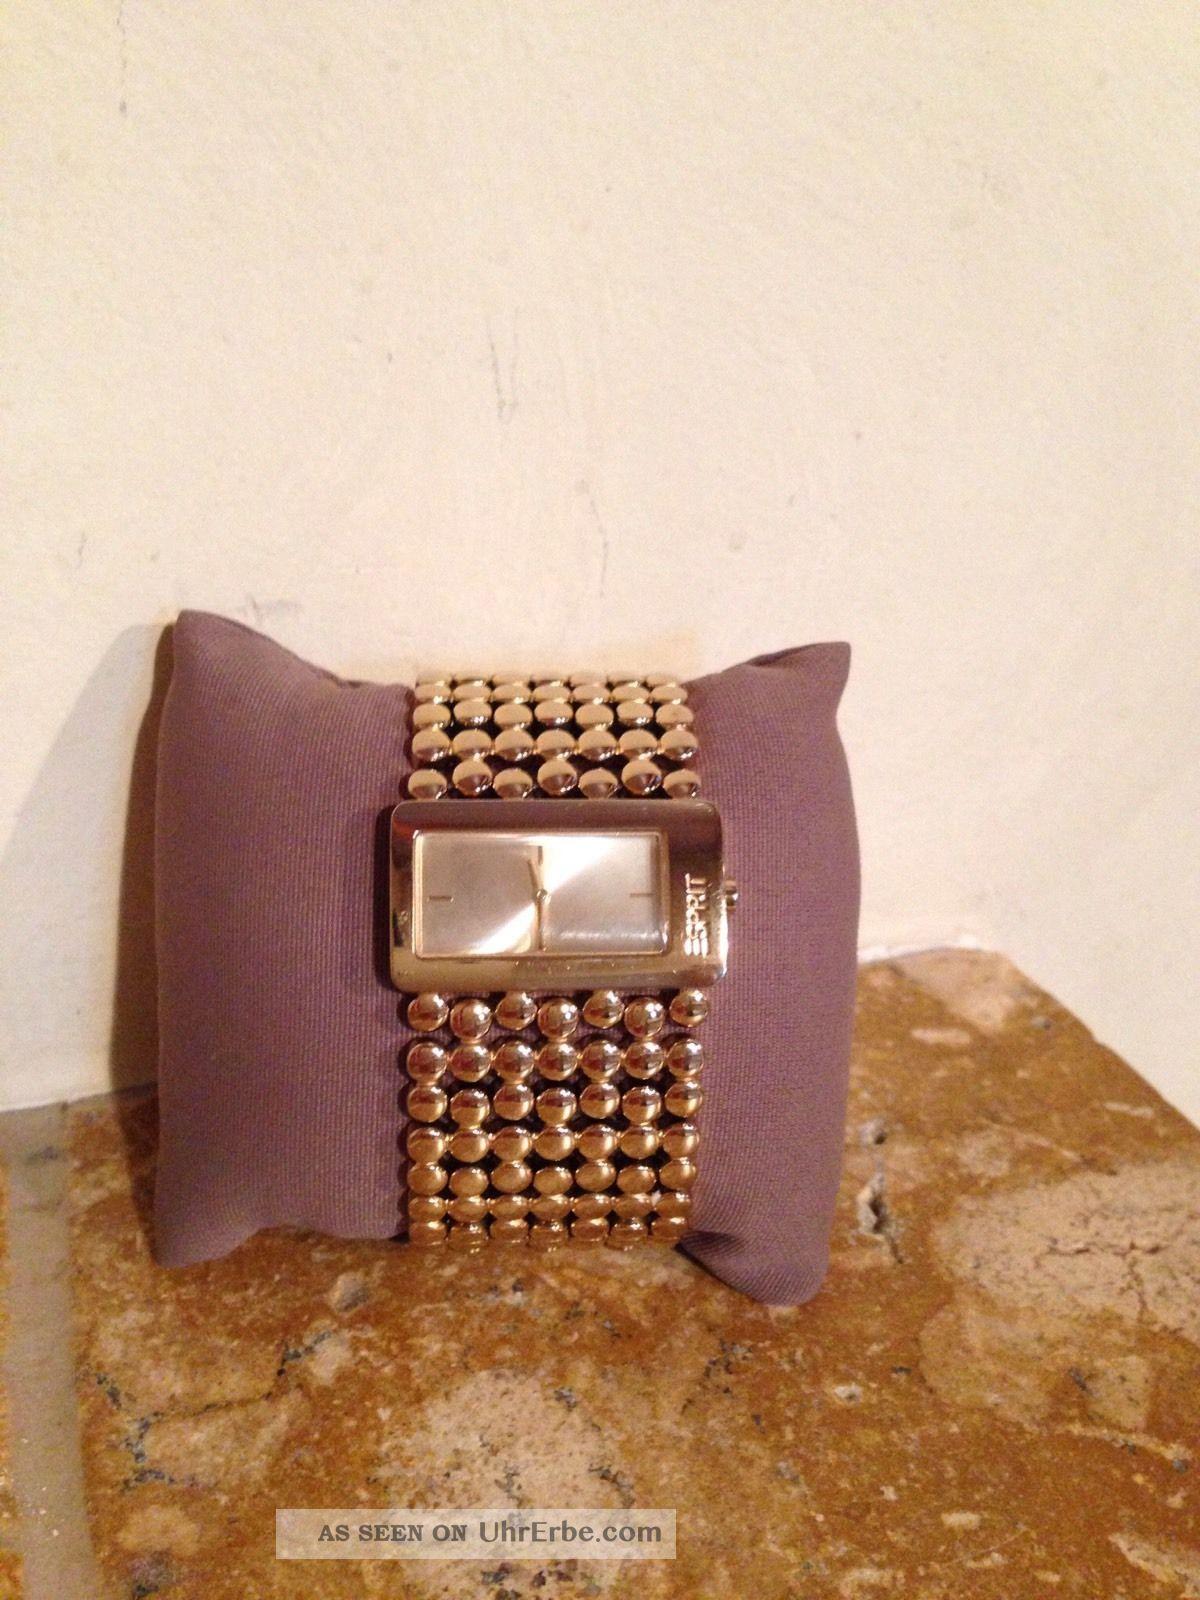 Damen Esprit Uhr Bubble Up Gold Armbanduhren Bild